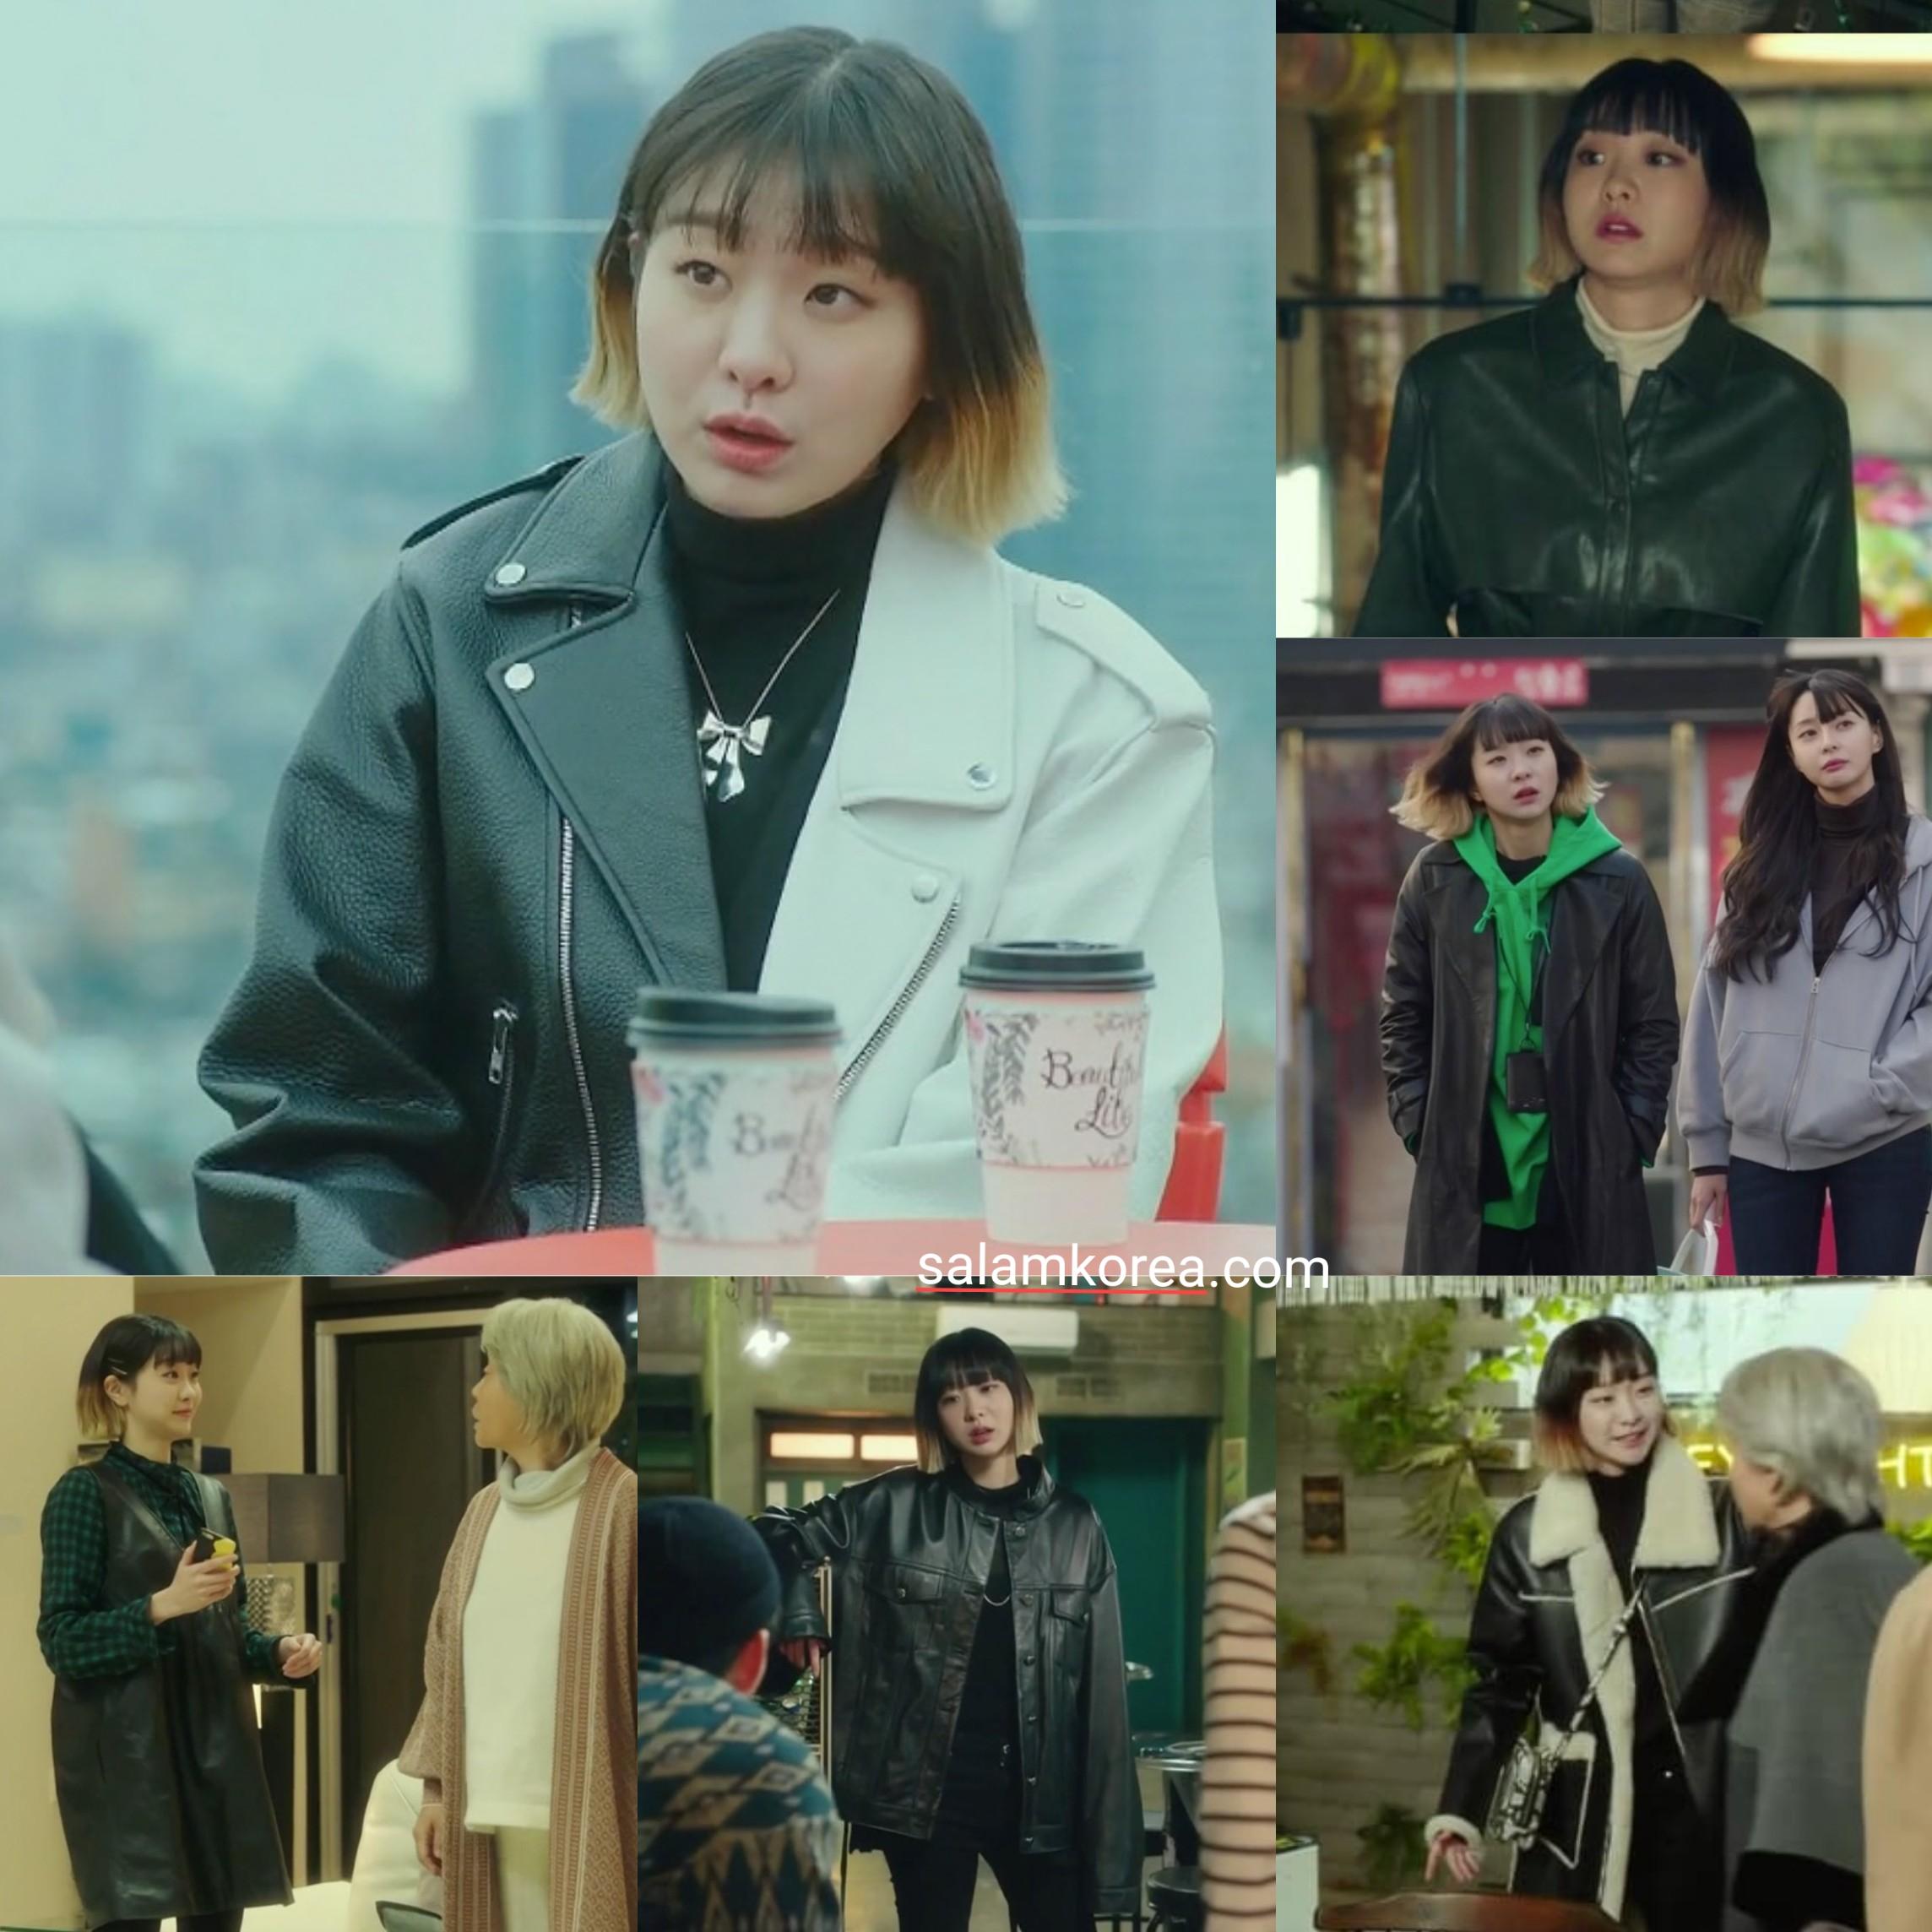 gaya-kim-da-mi-itaewon-class-salam-korea-2